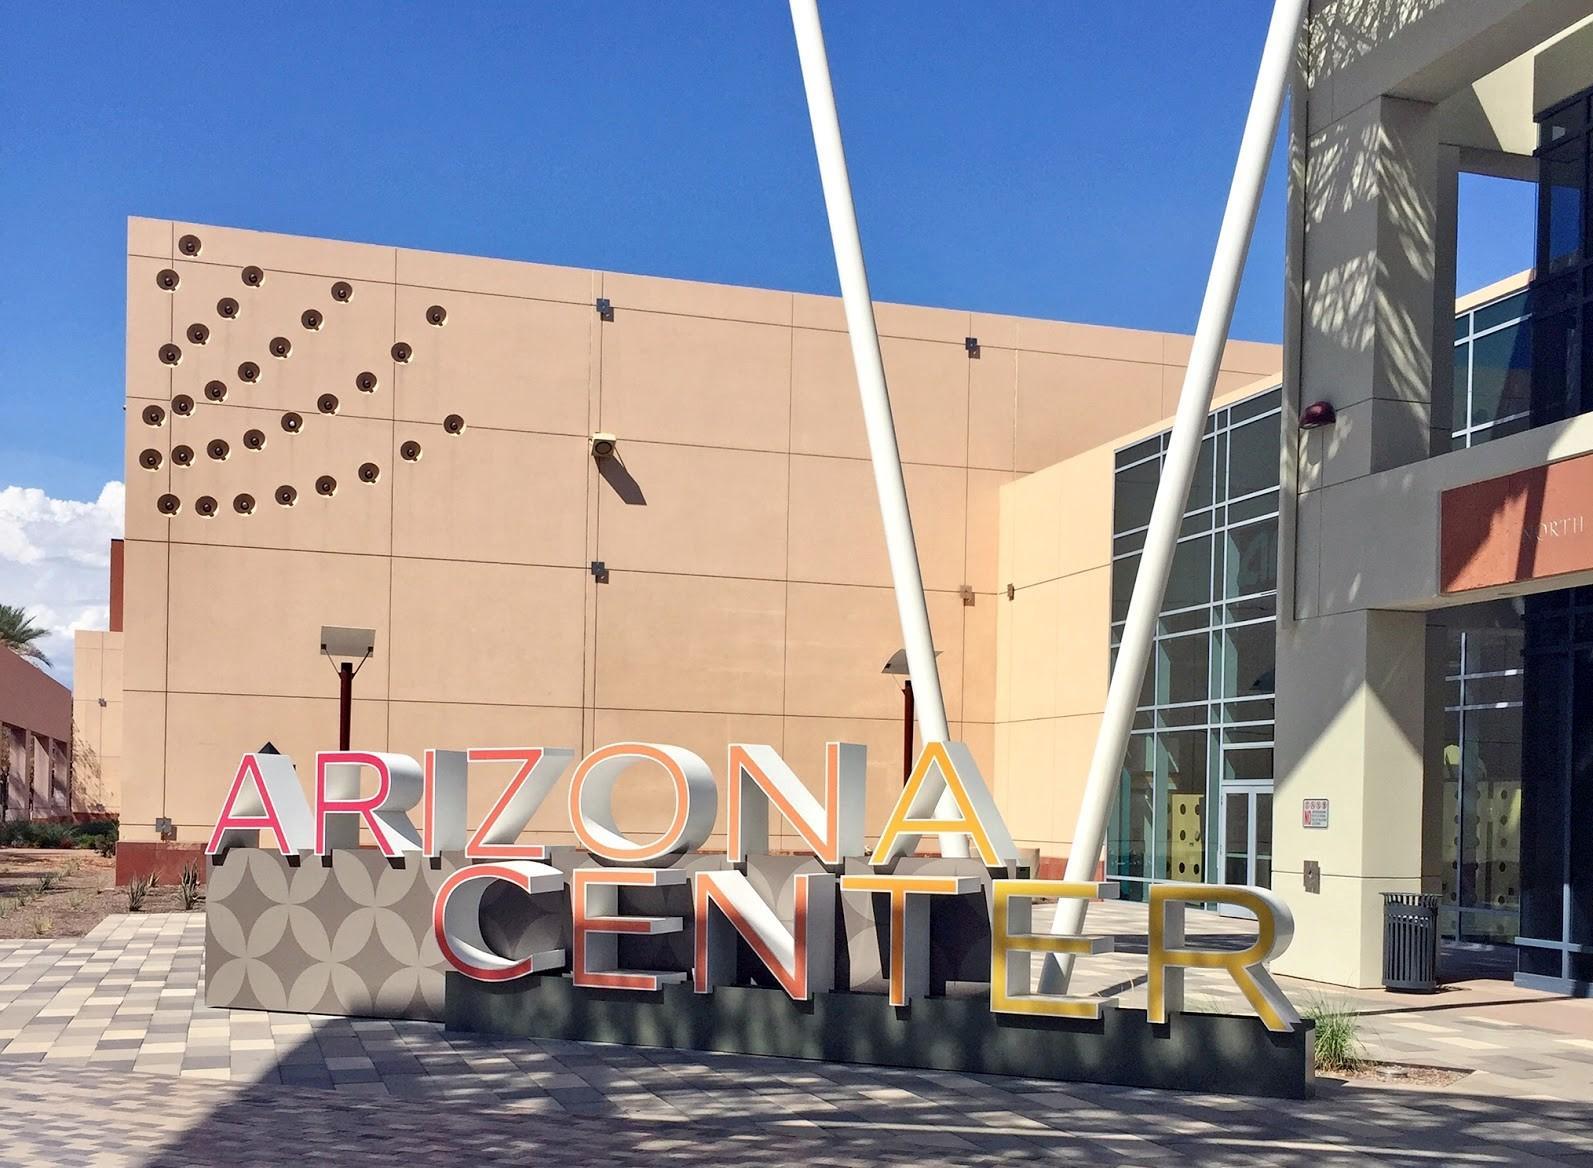 Arizona Center main entrance